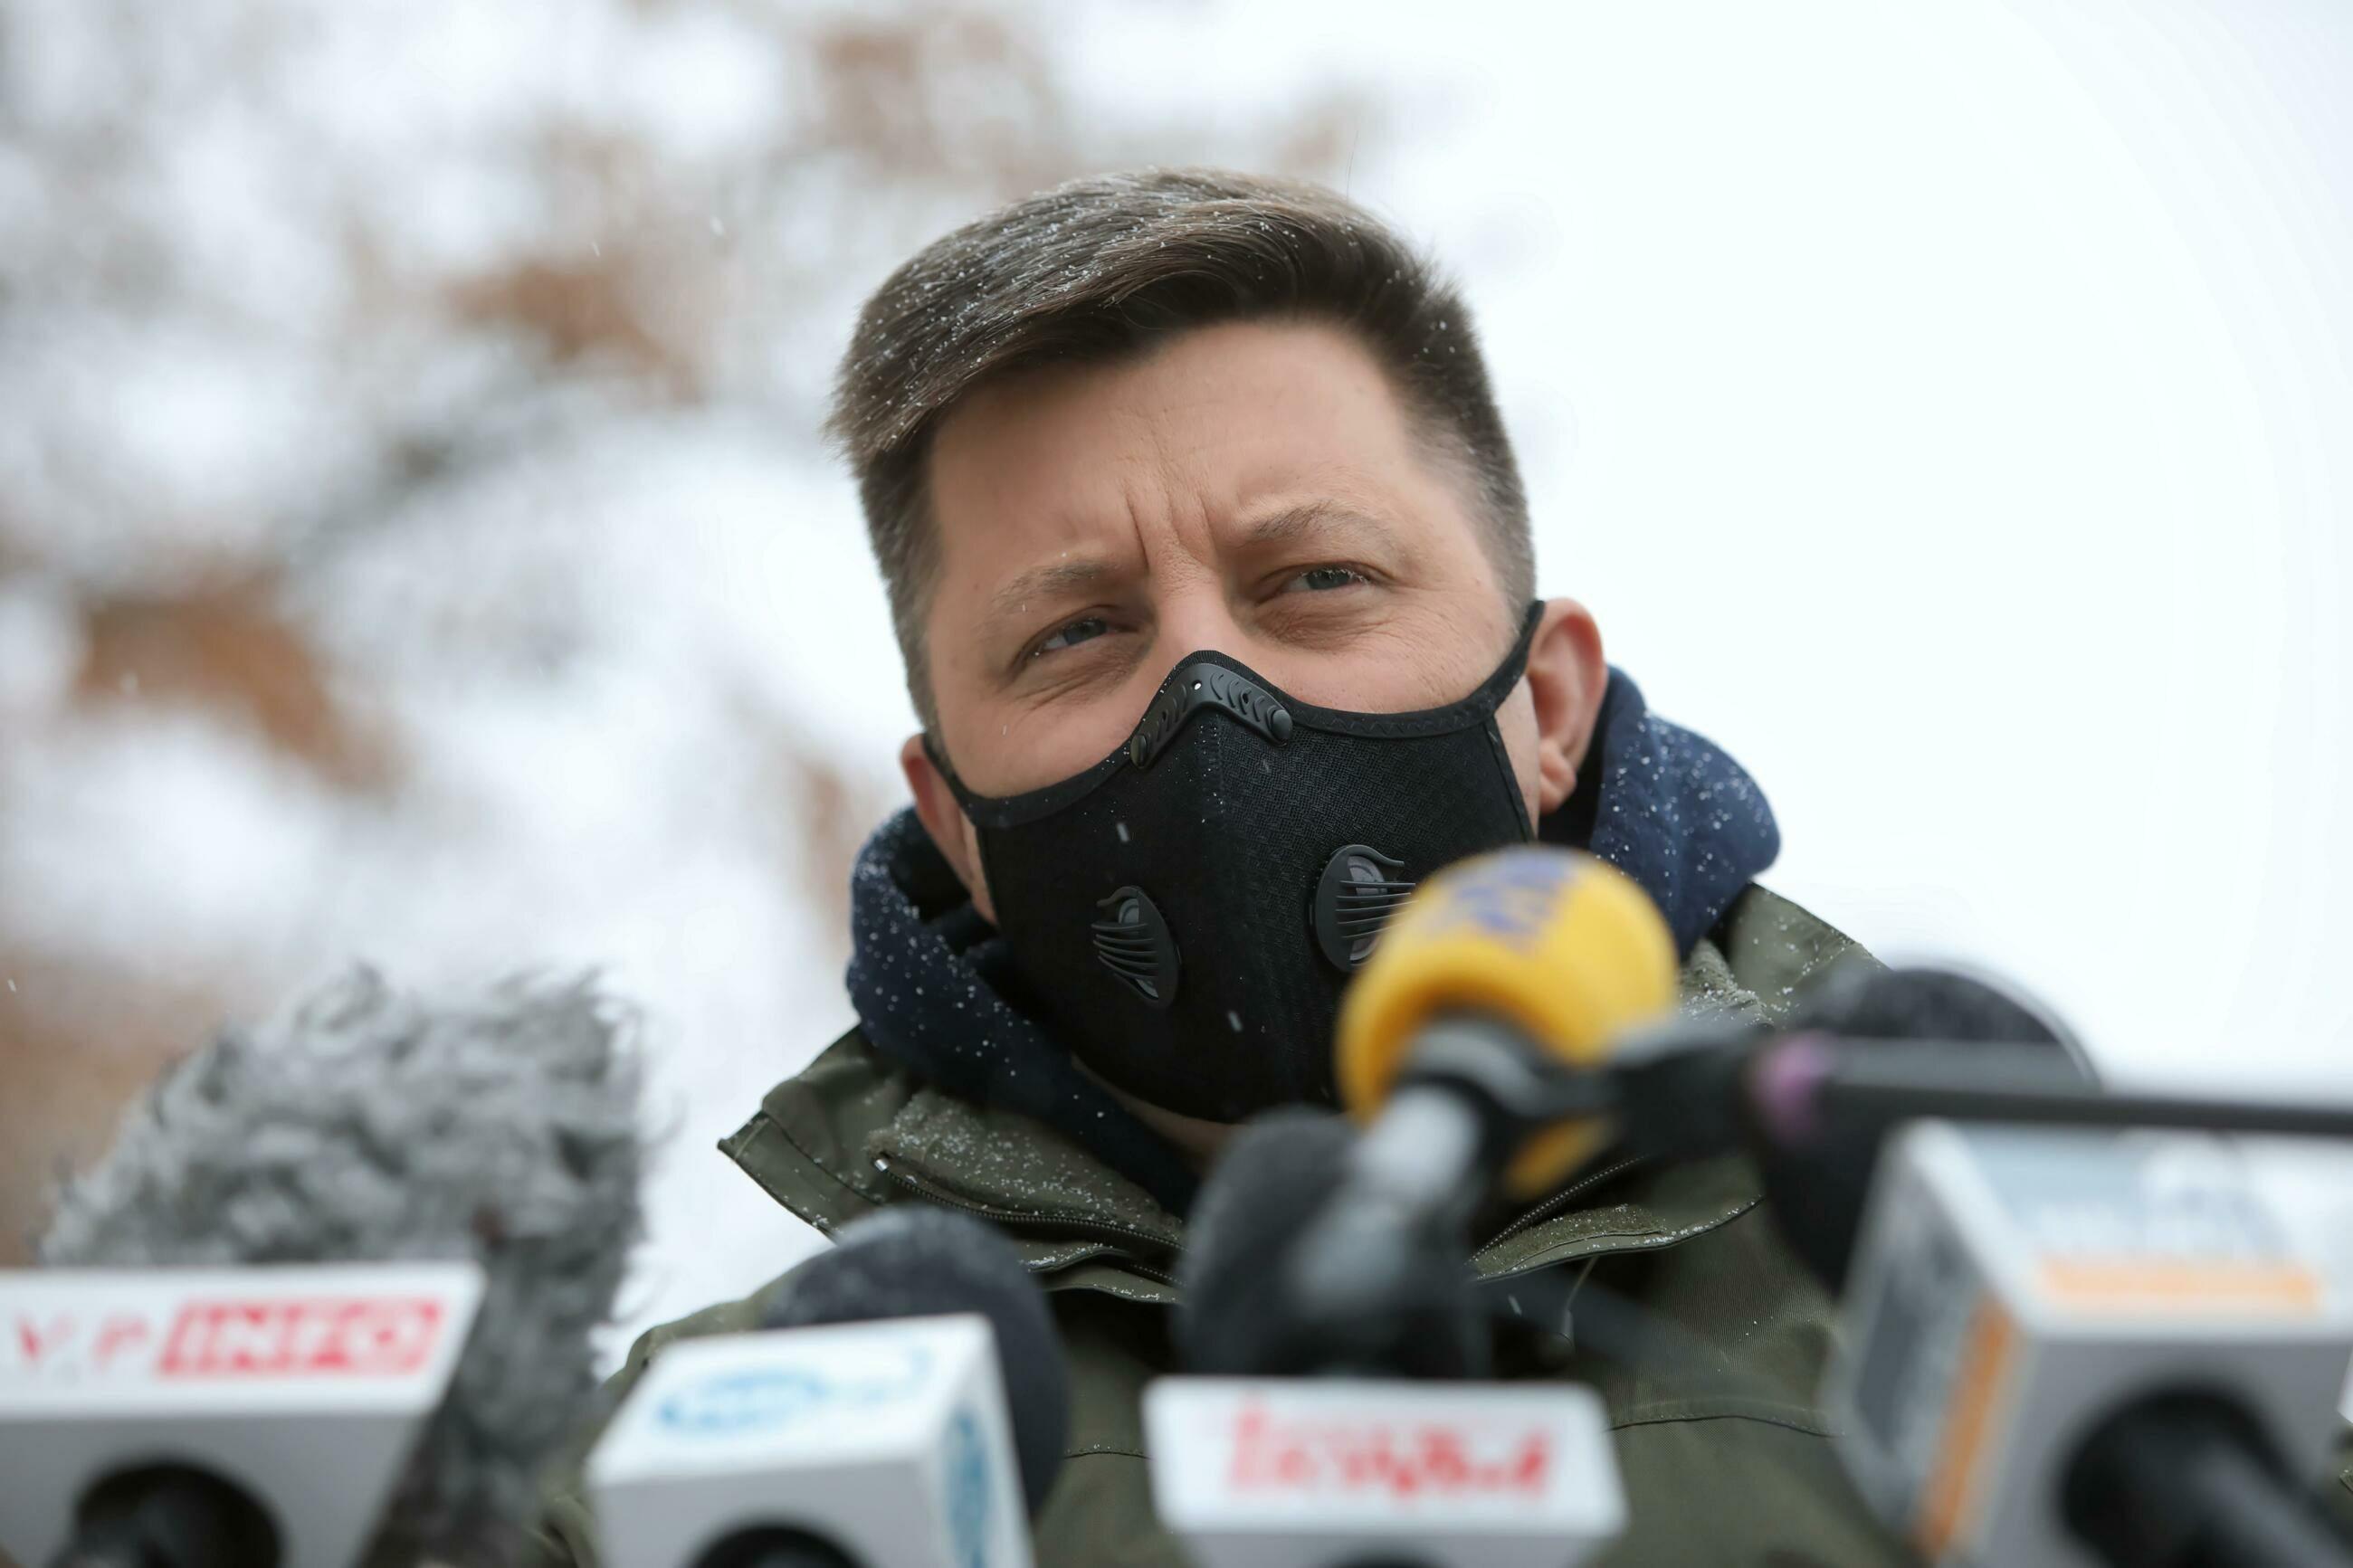 Szef KPRM, pełnomocnik rządu do spraw narodowego programu szczepień ochronnych przeciwko wirusowi SARS-CoV-2 Michał Dworczyk